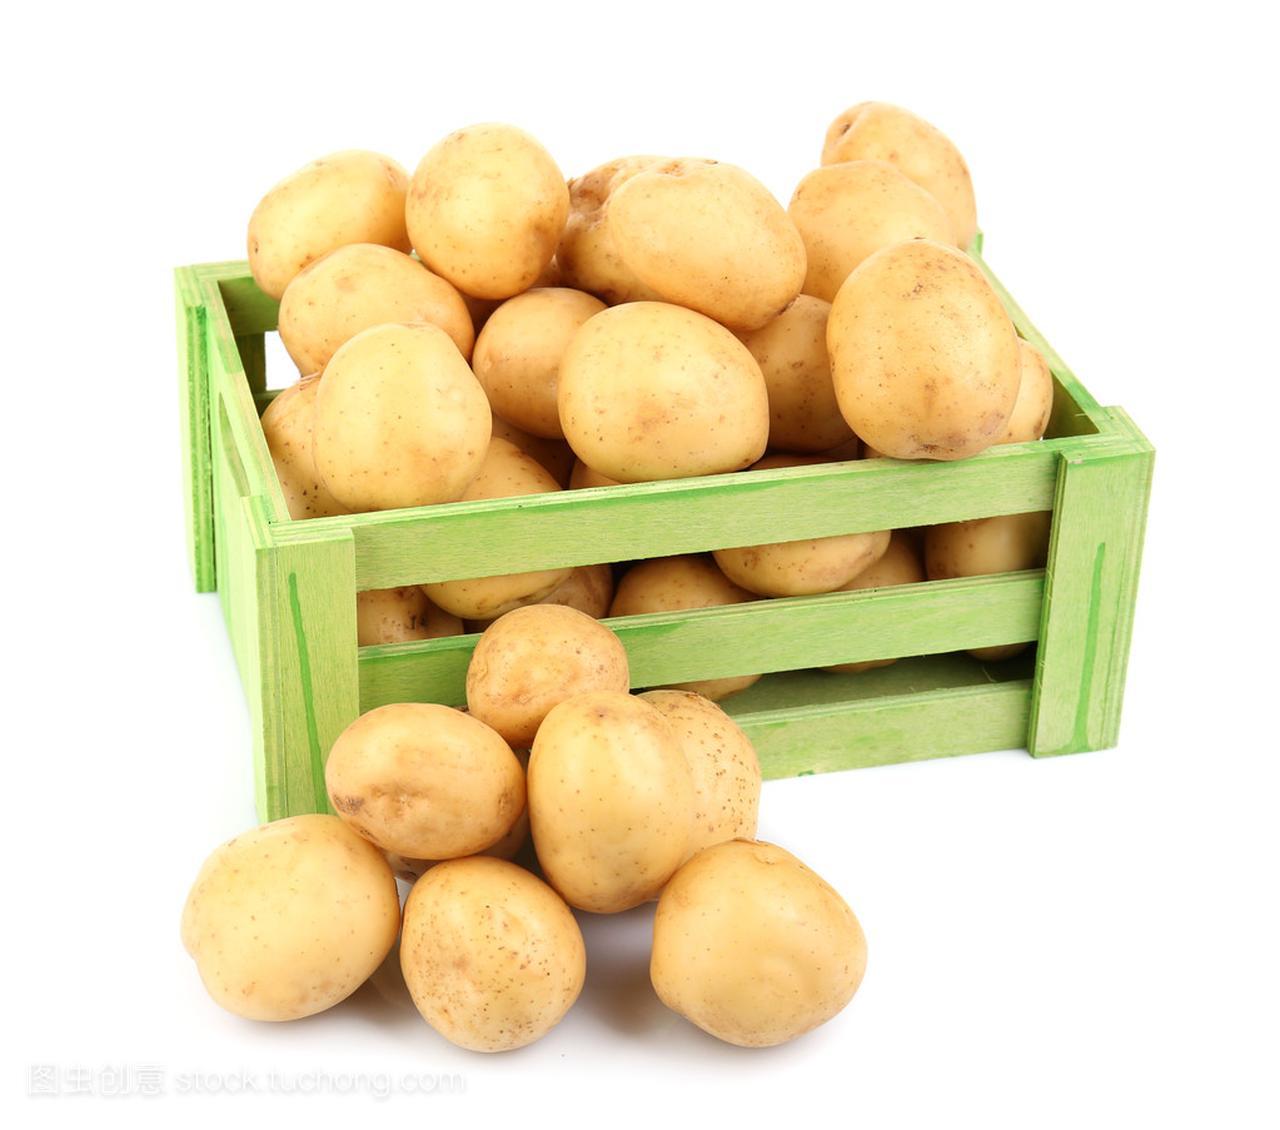 在木桌上丸子孤立新土豆短头发白色头扎好看吗图片